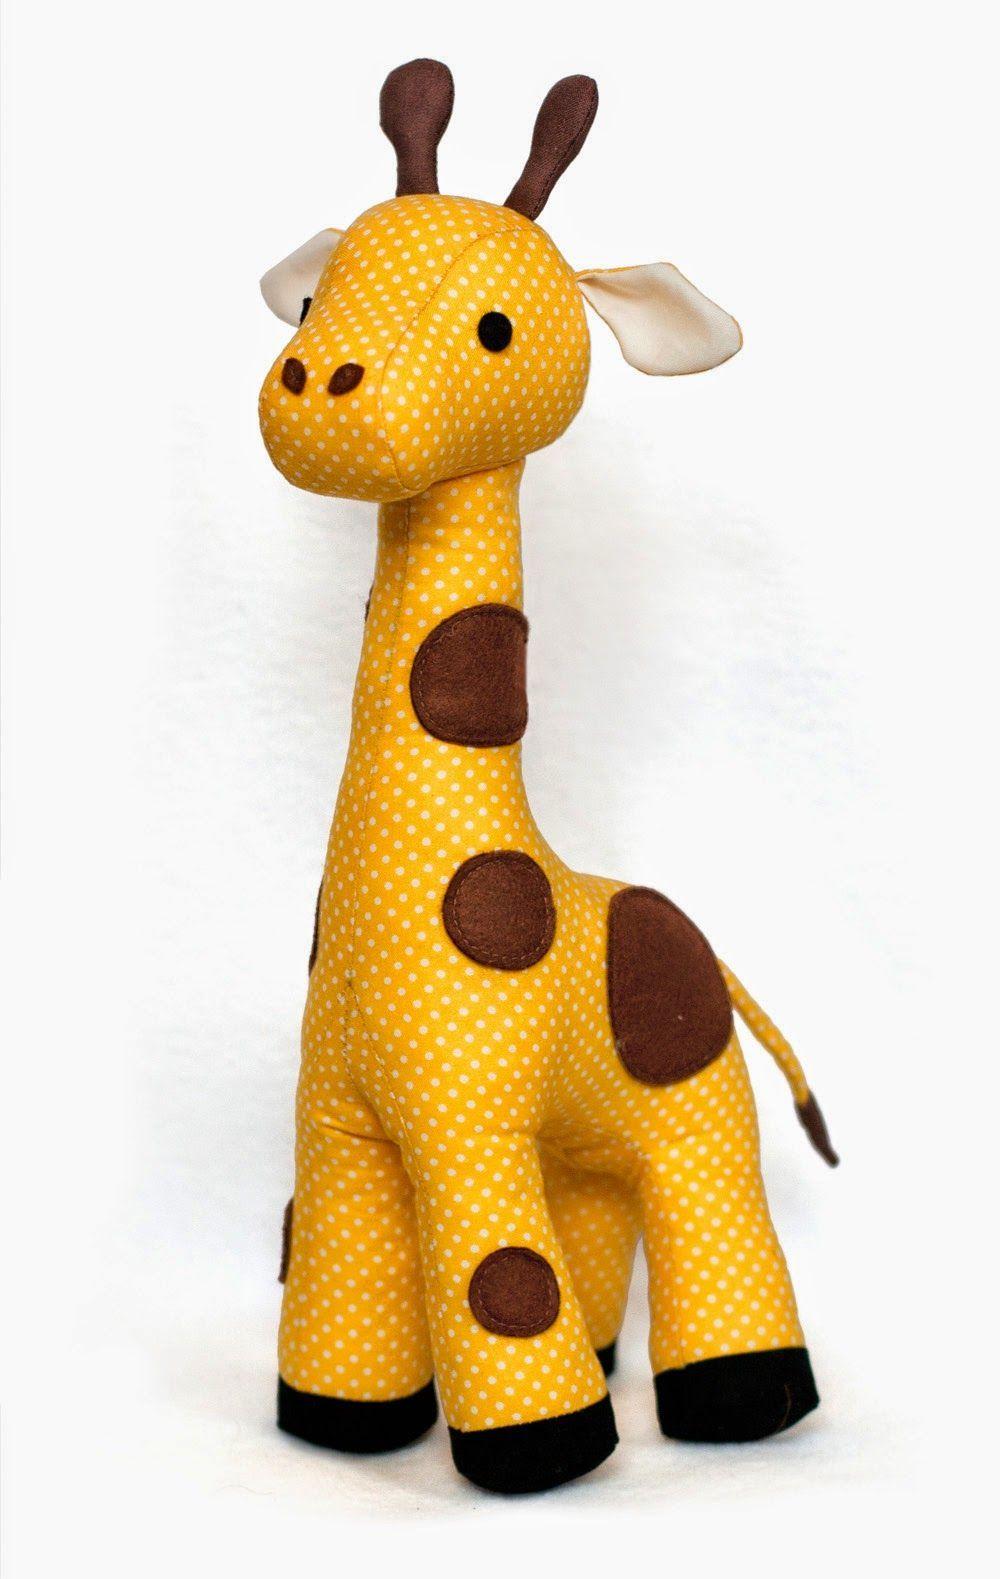 Giraffe sewing pattern zabawki pinterest giraffe sewing giraffe sewing pattern jeuxipadfo Choice Image